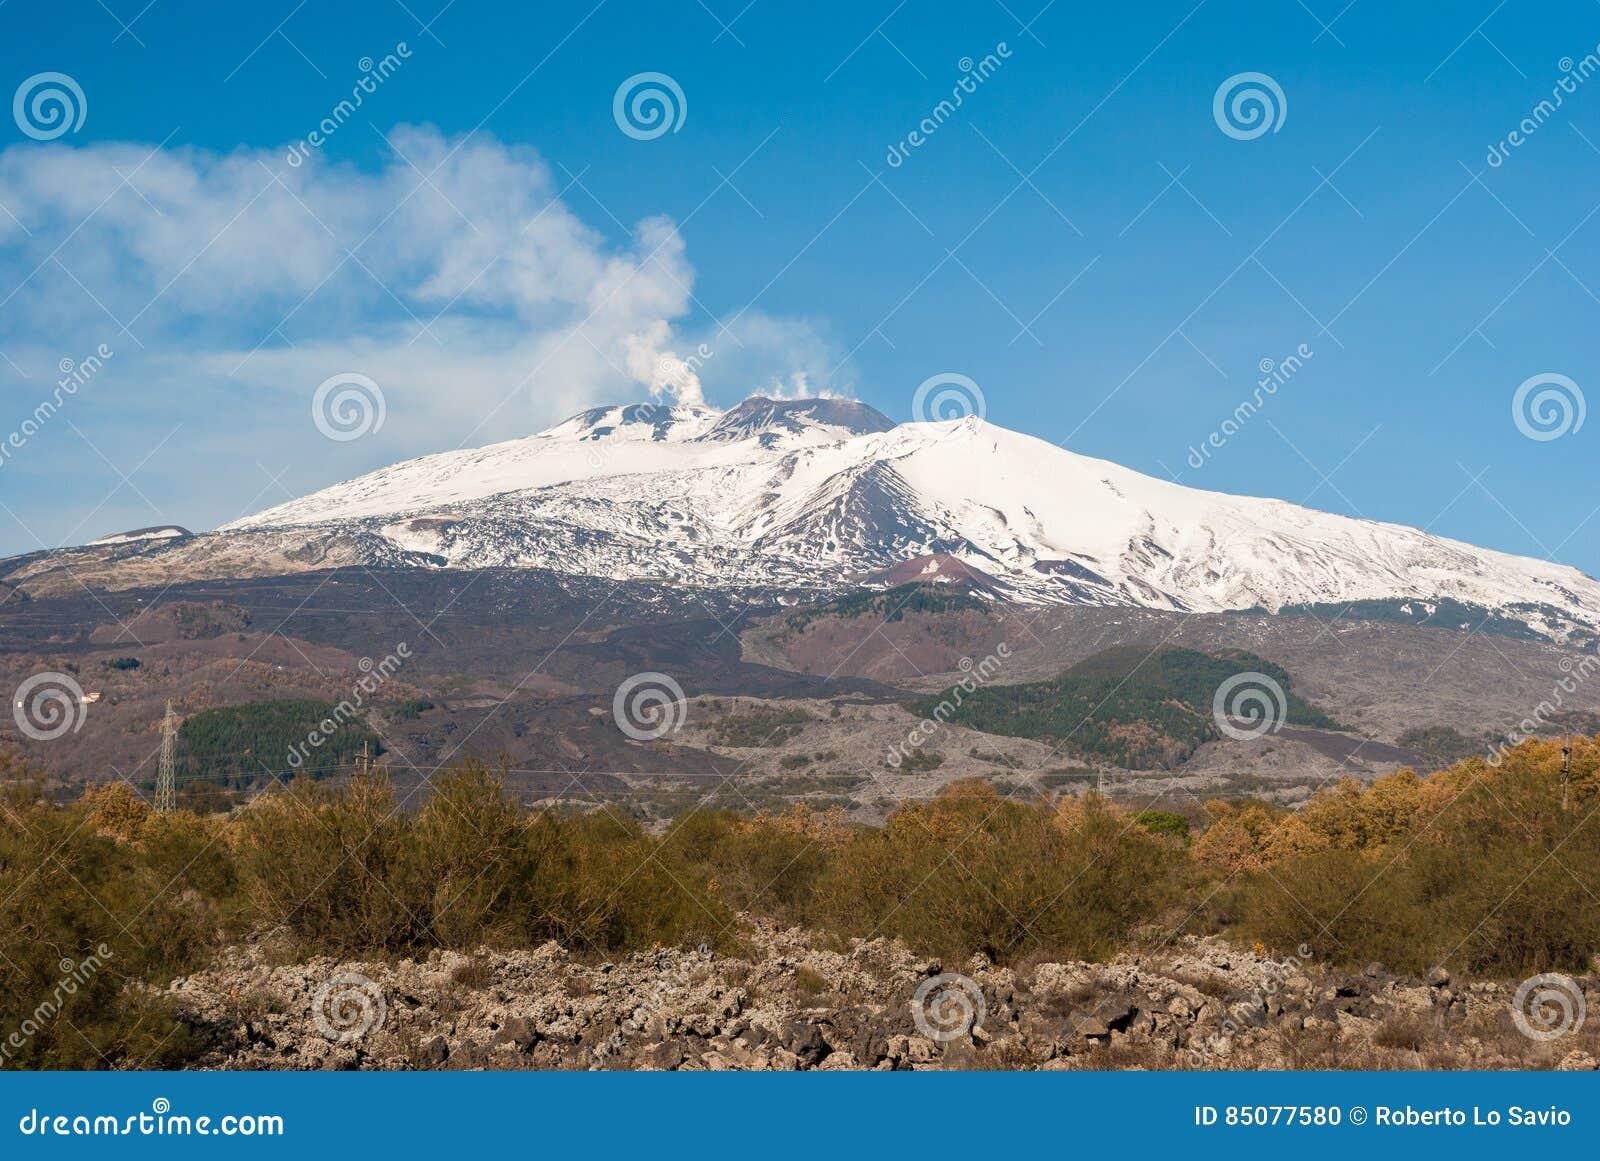 Южный фланк вулкана Этна покрытый снегом во время зимы